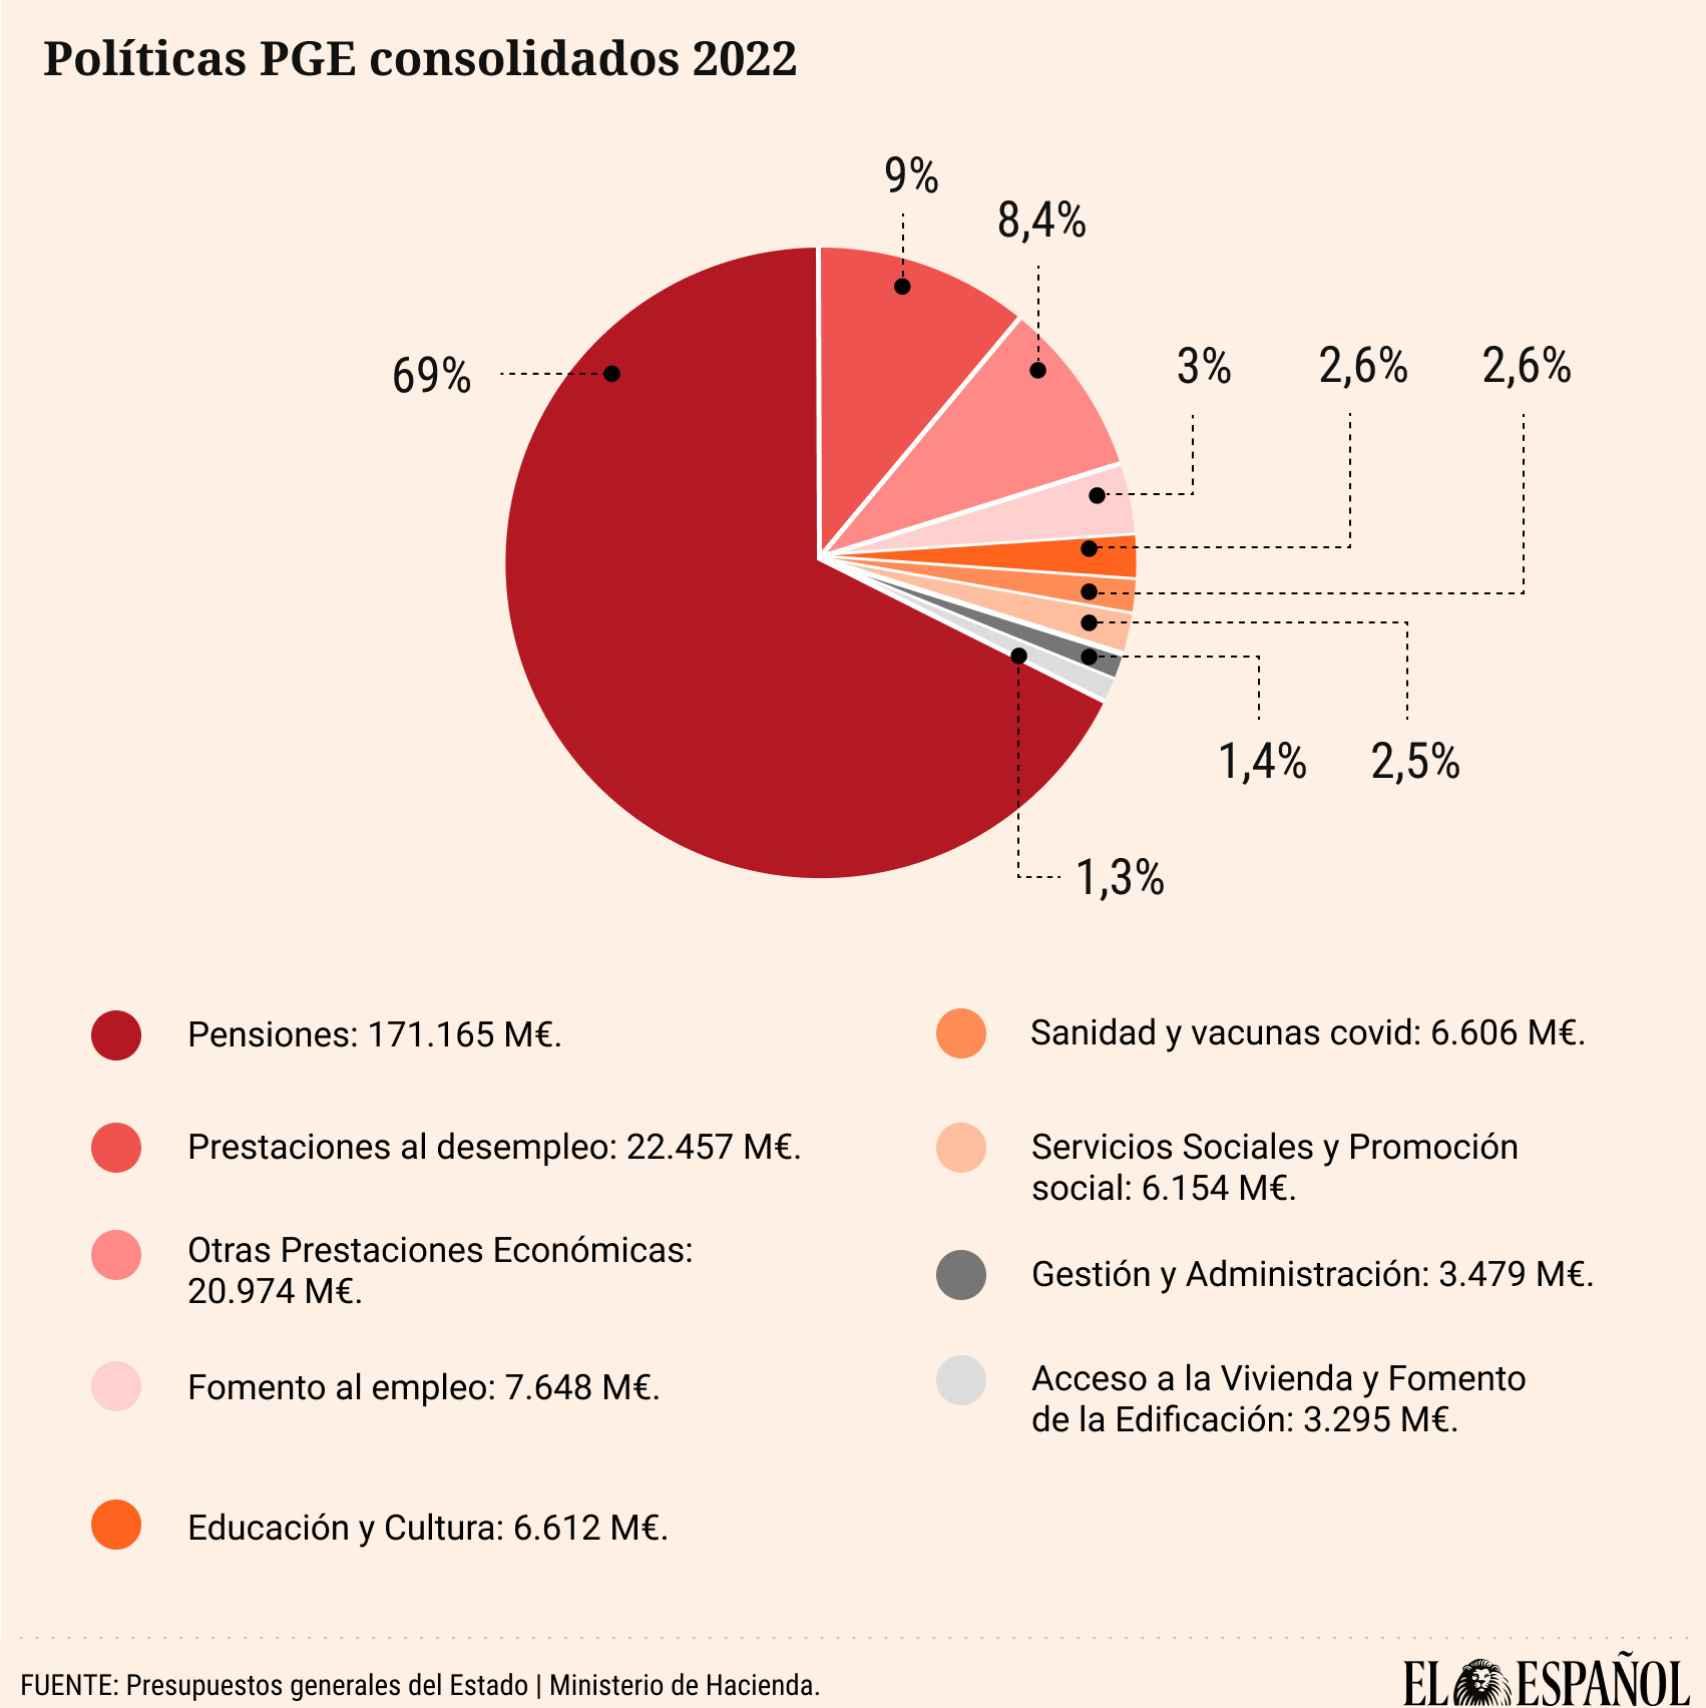 Destino de las políticas de los PGE.